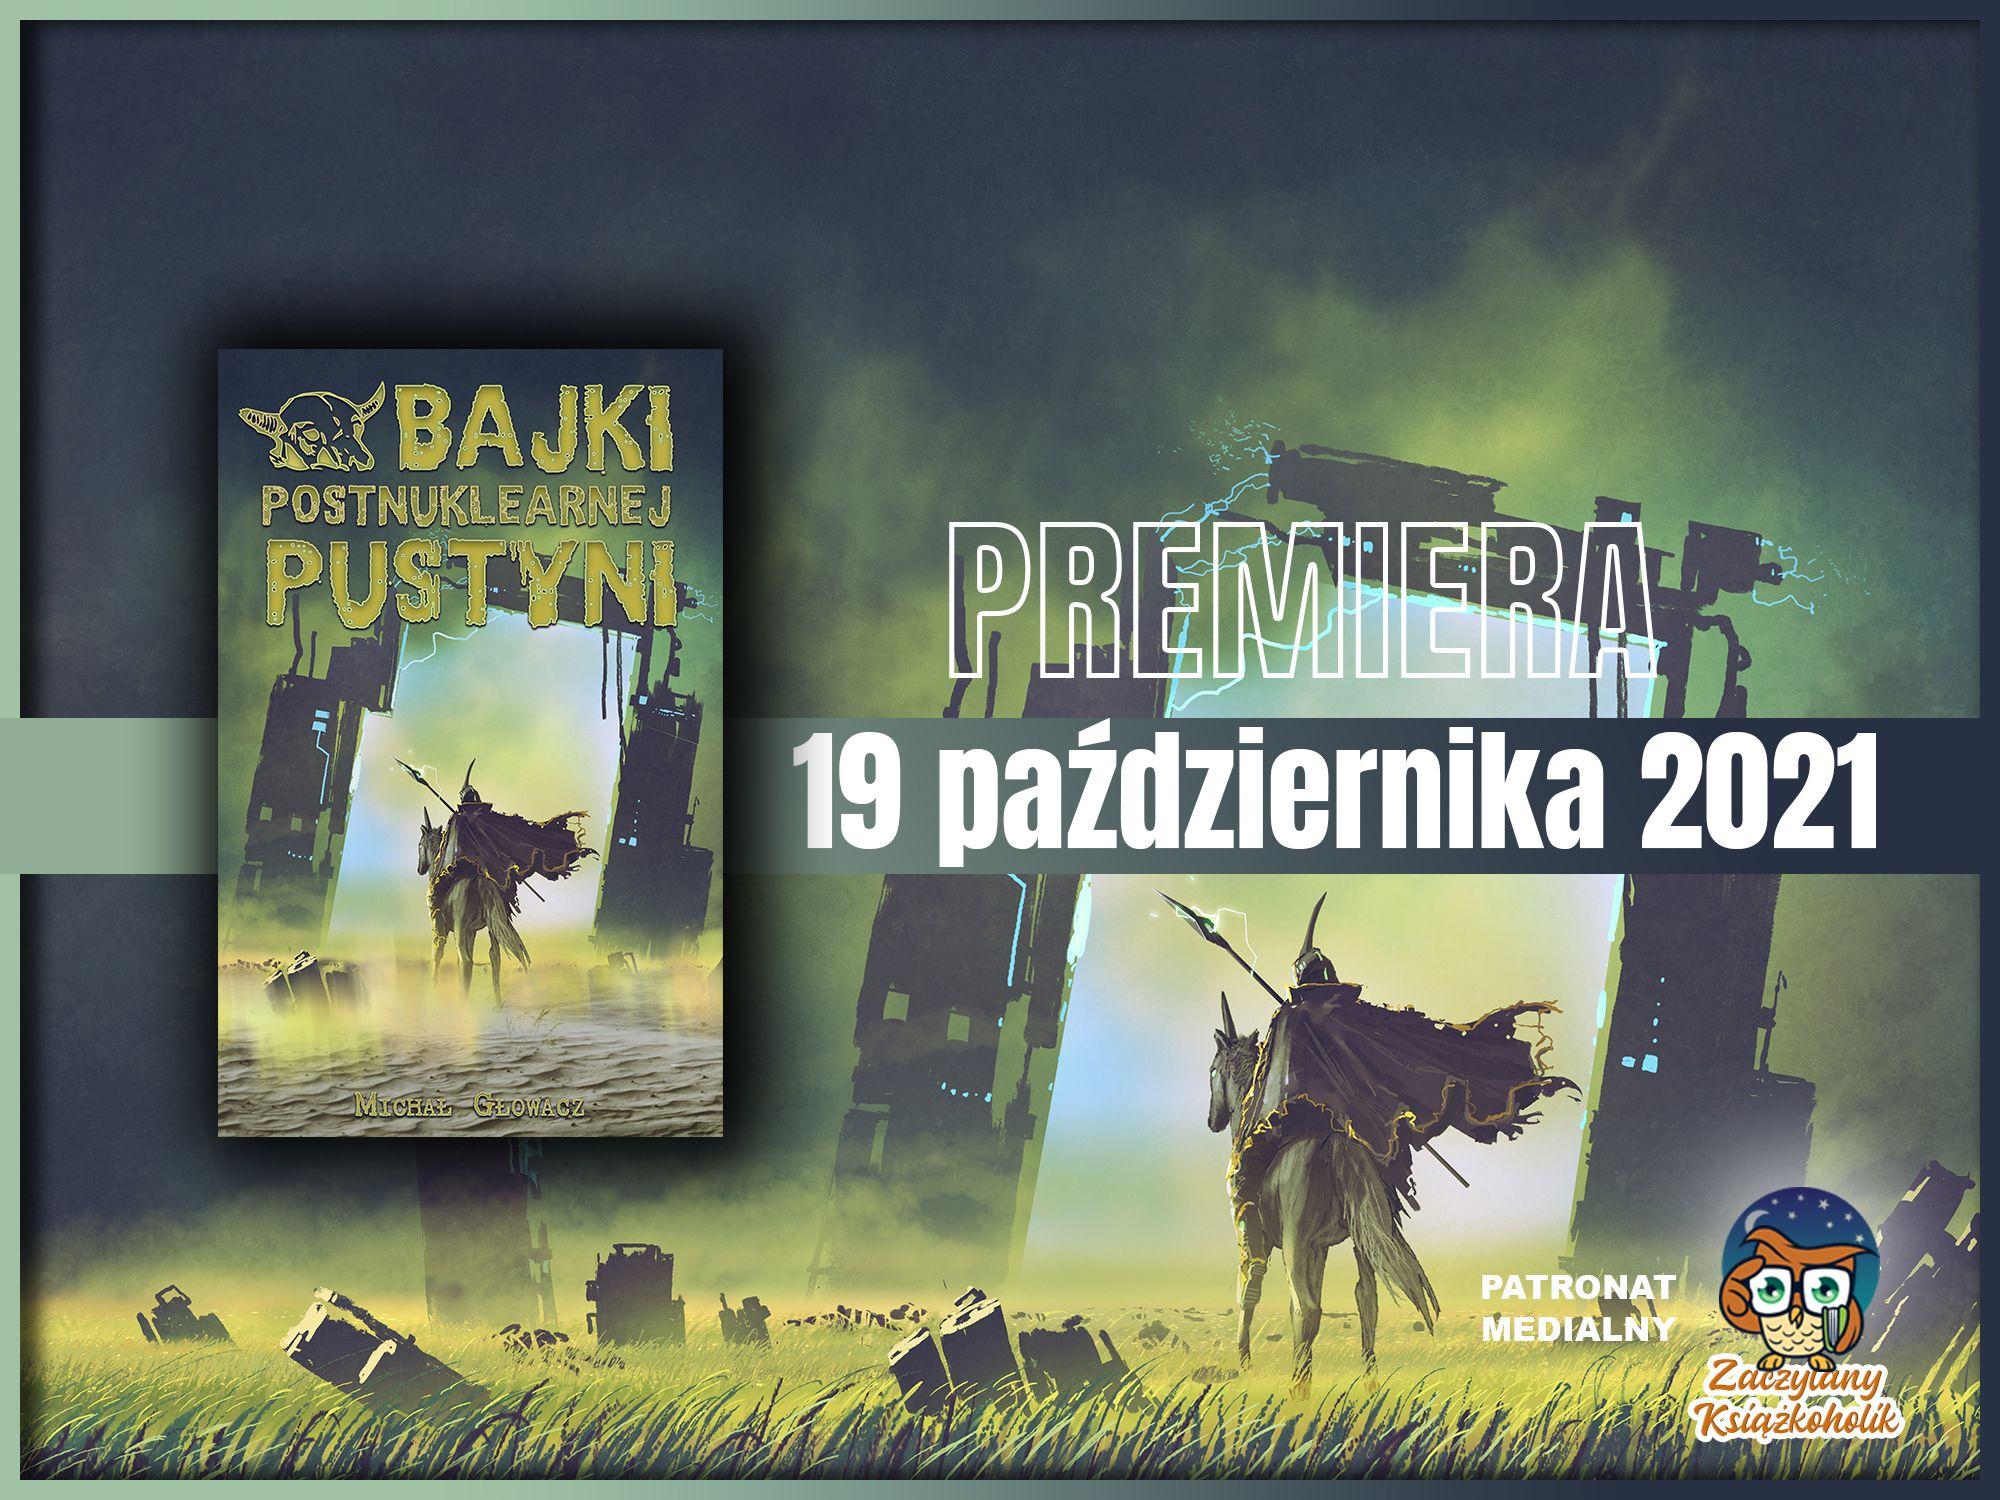 Bajki postnuklearnej pustyni, Michał Głowacz, zaczytanyksiazkoholik.pl